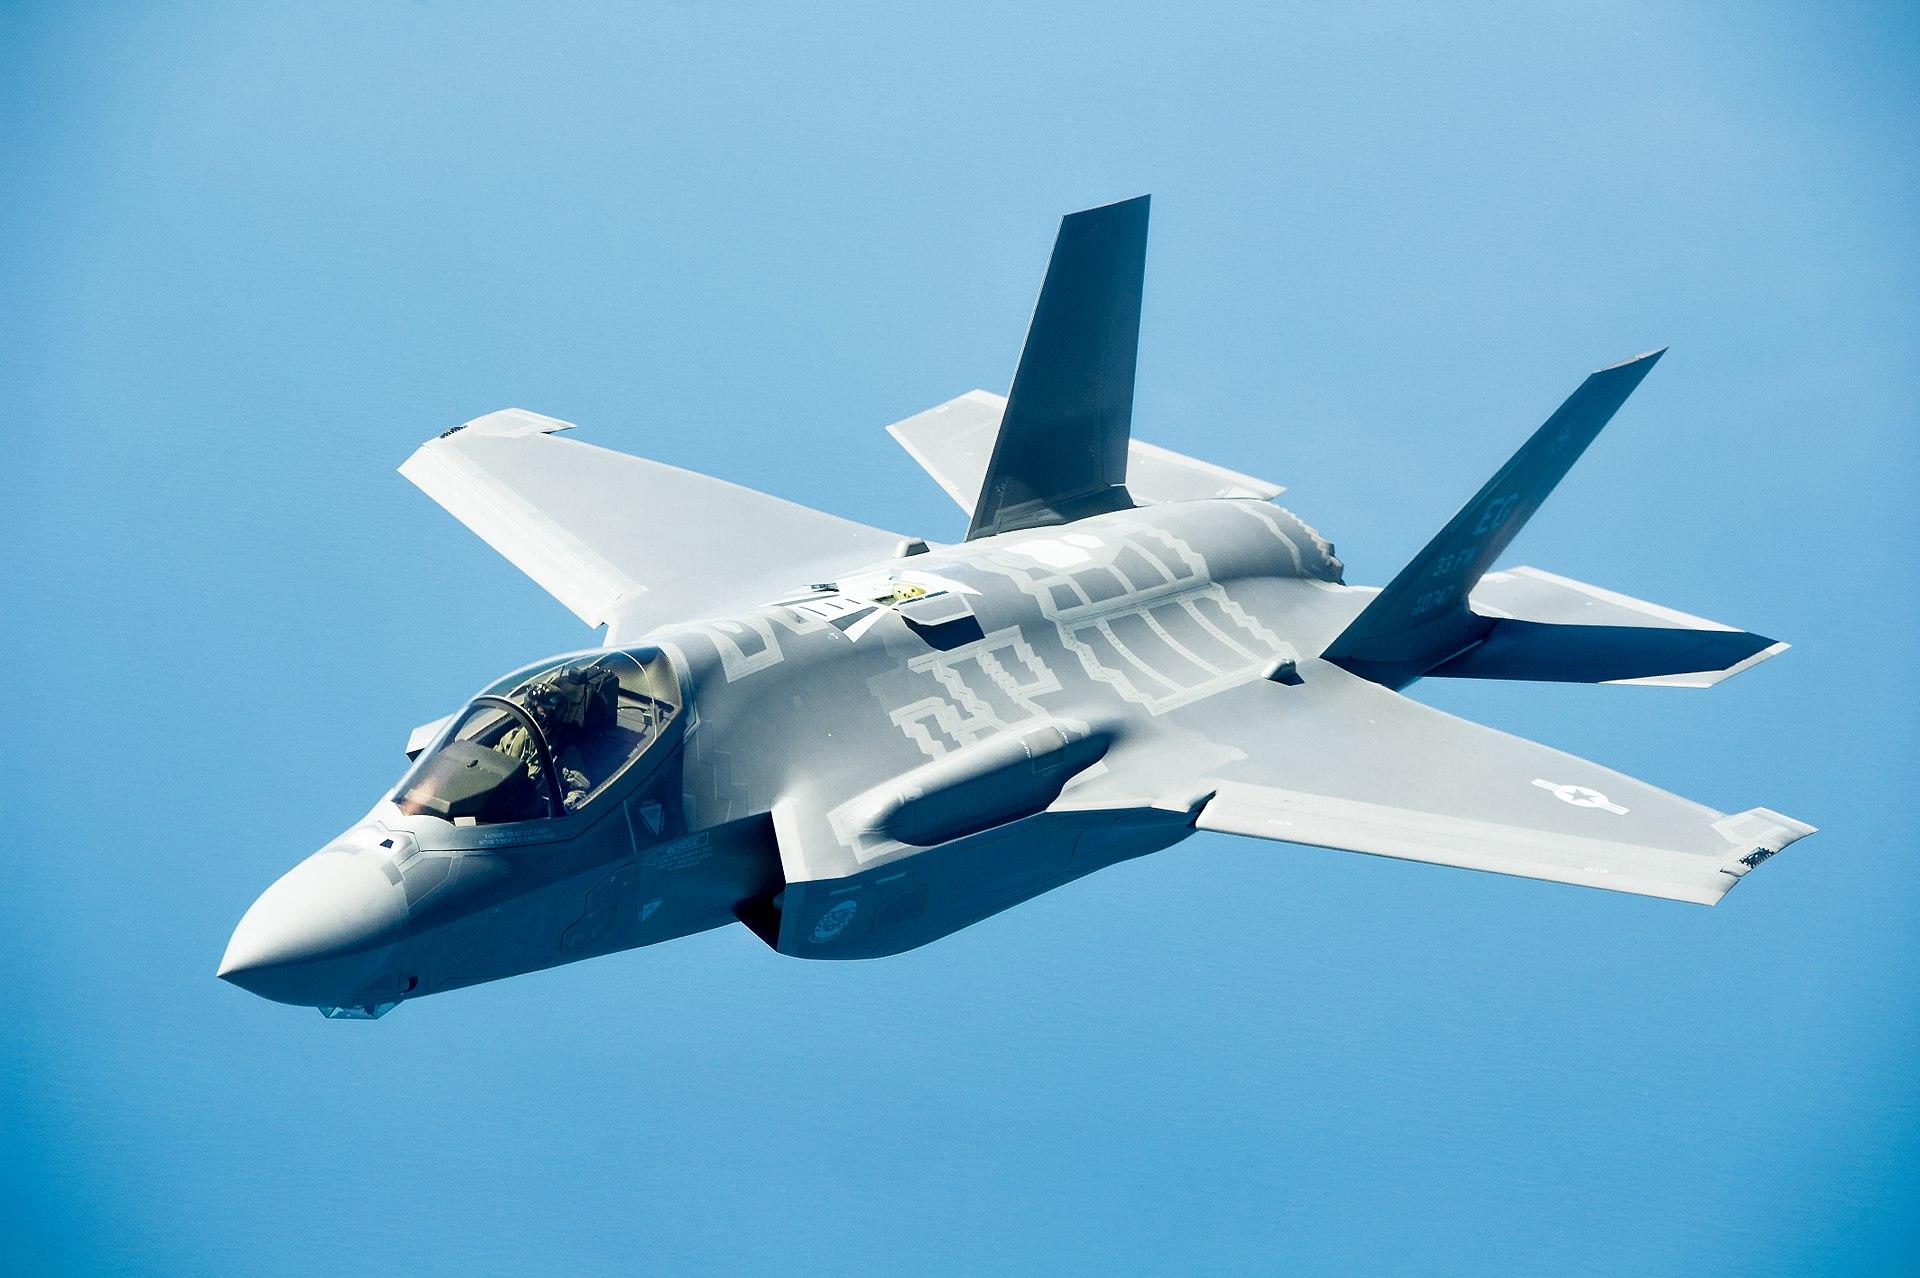 Rząd podjął rozmowy ze stroną amerykańską o zakupie nowoczesnych myśliwców F35